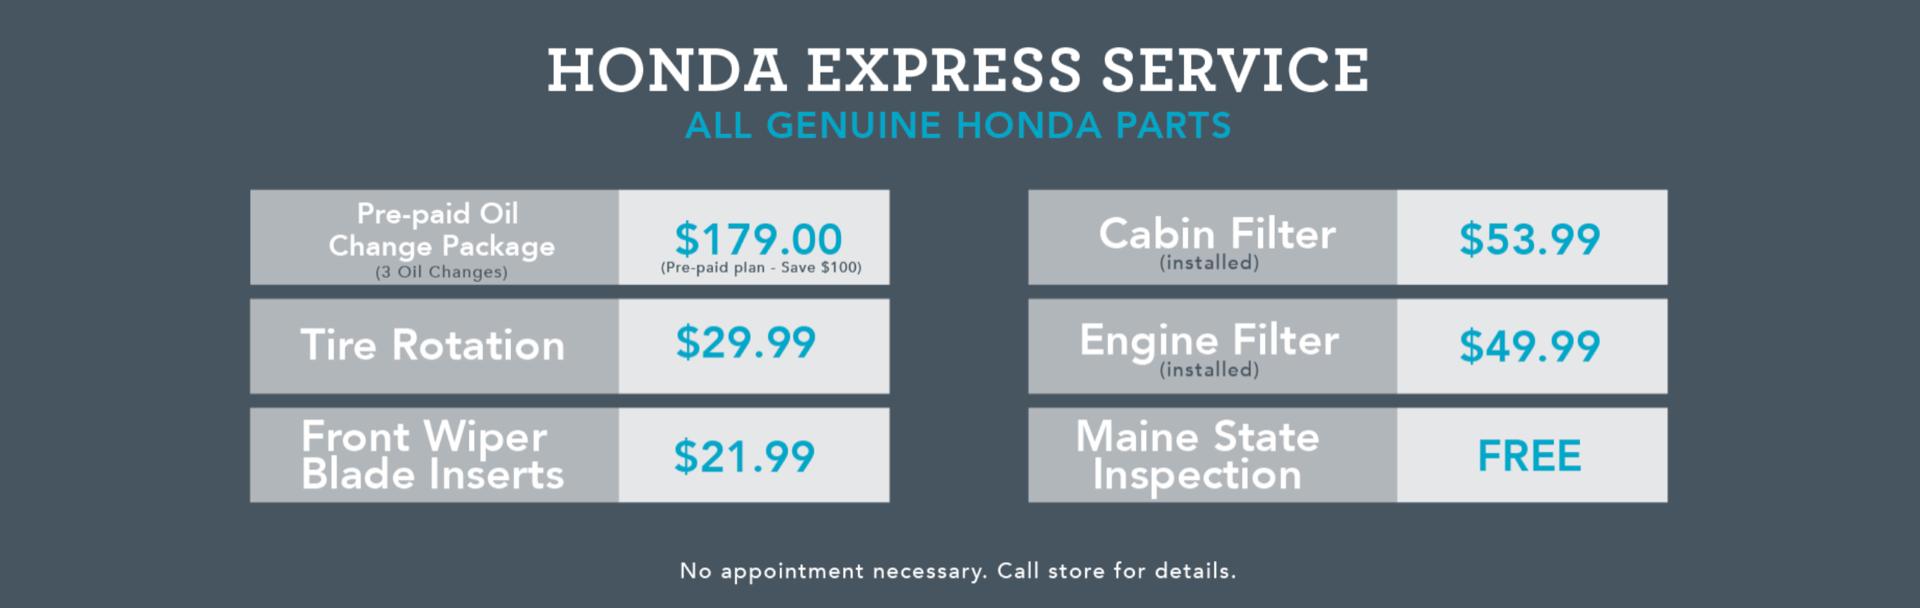 Honda Express Service banner